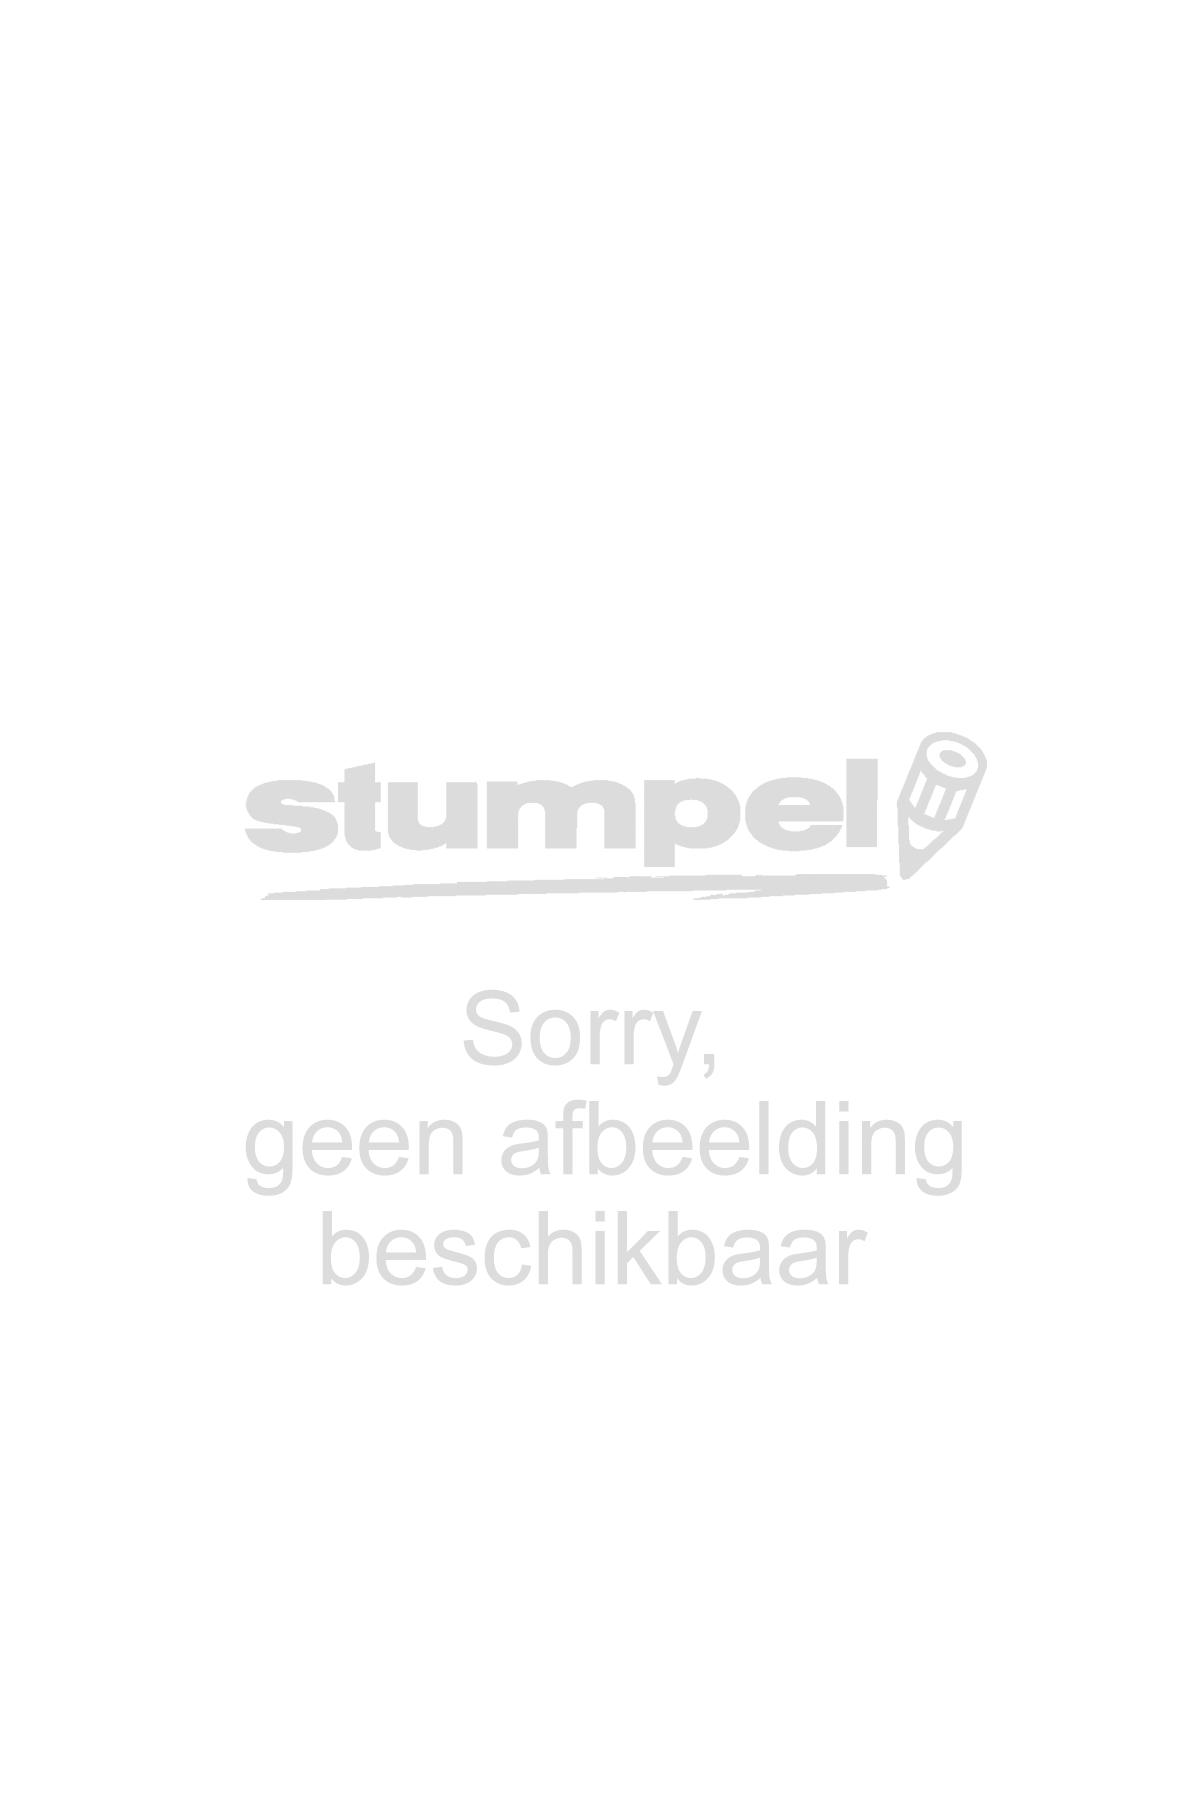 markeerstift-bic-grip-groen-635184